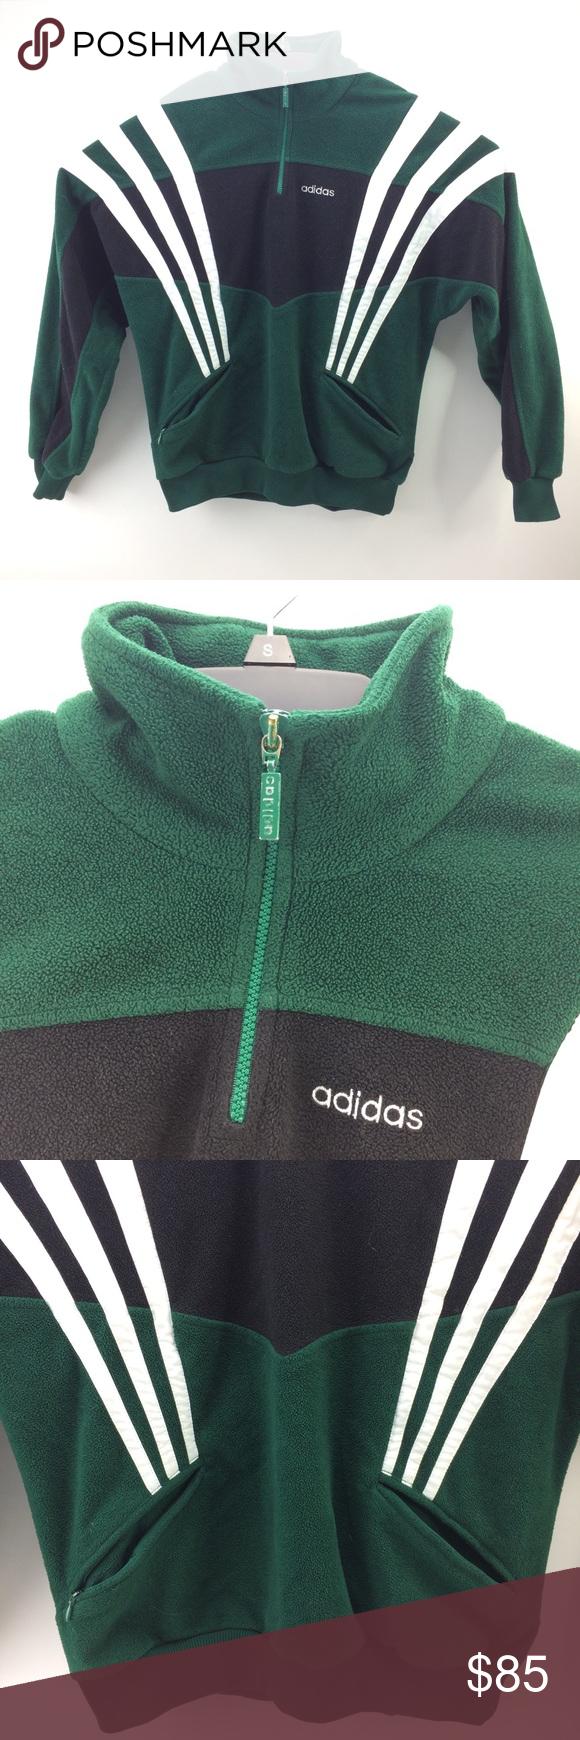 adidas 1/4 zip fleece pullover